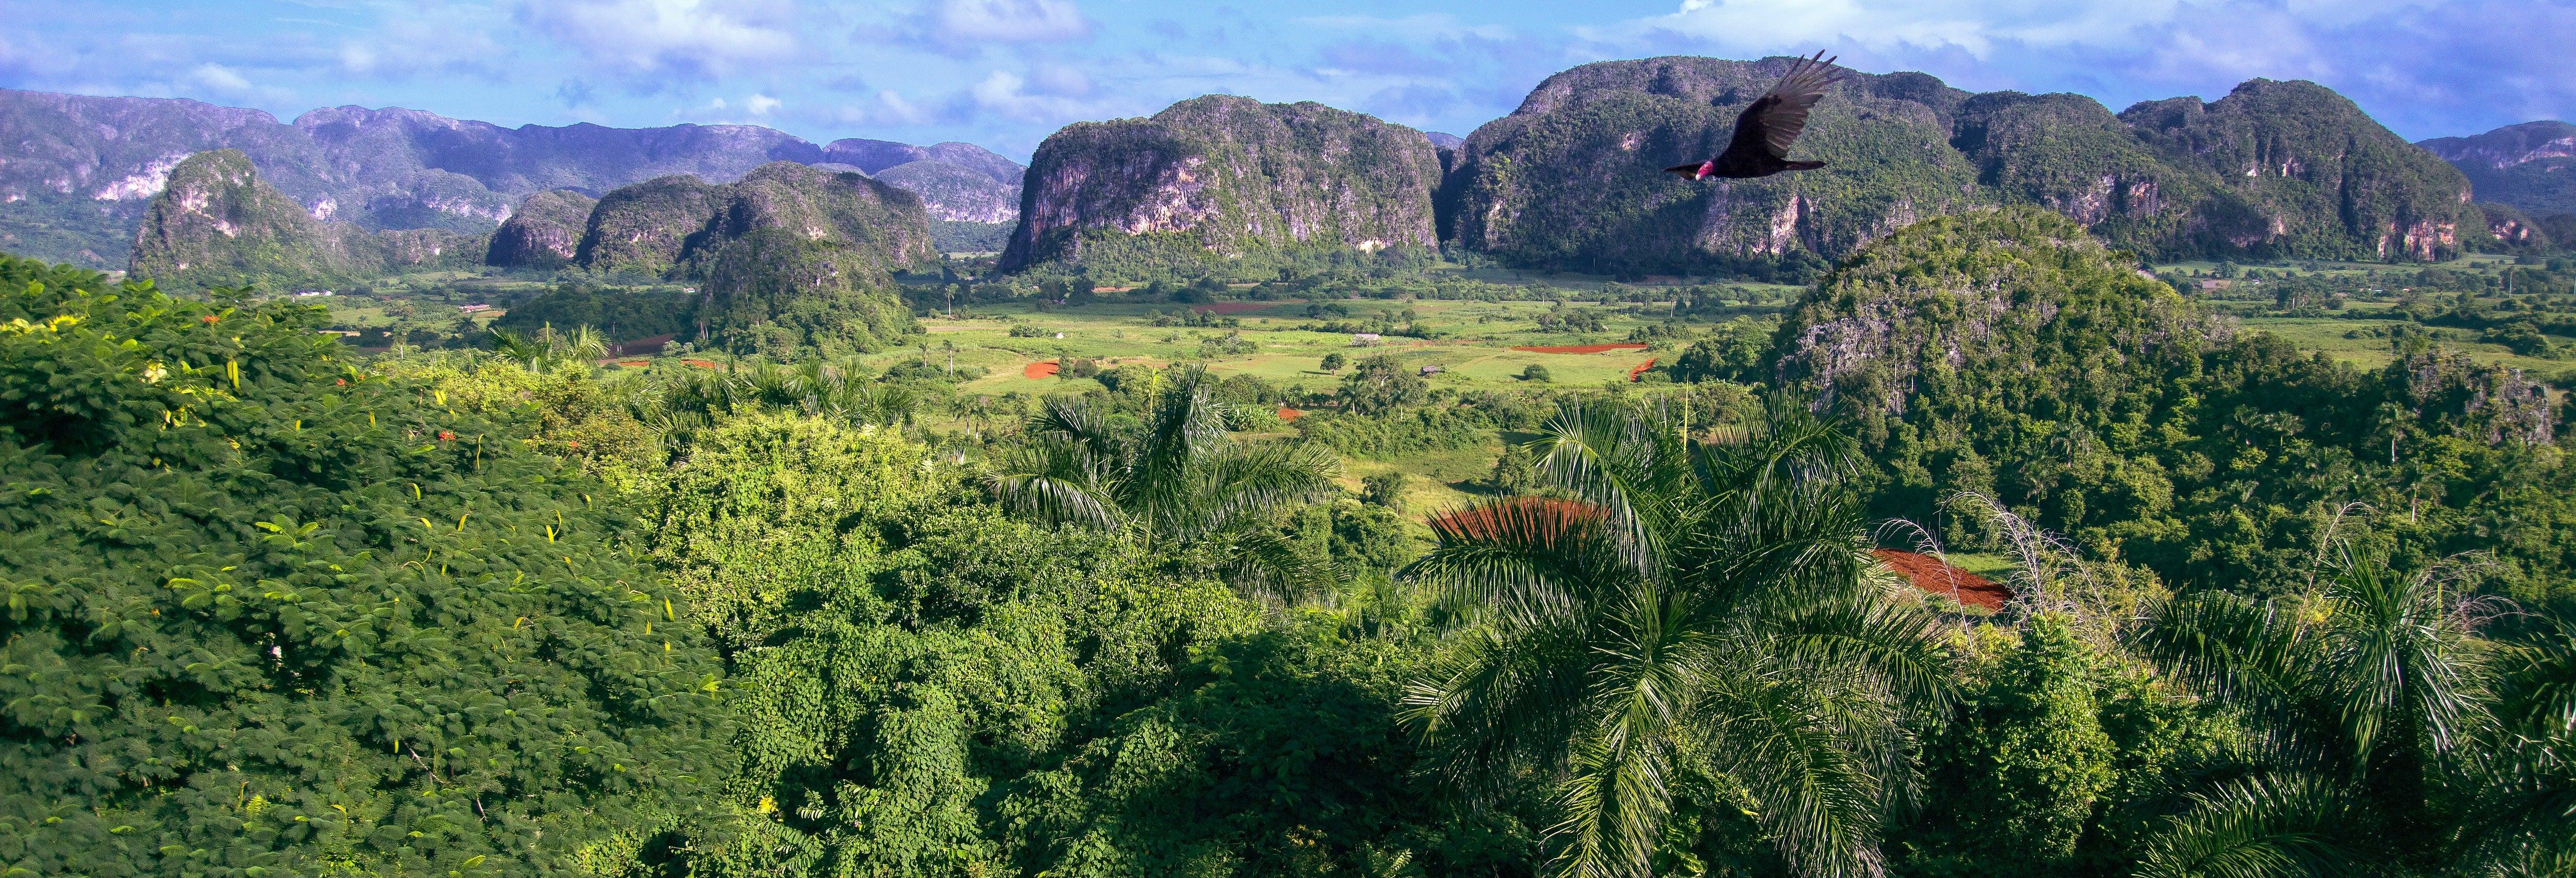 Viñales Horse Riding Tour